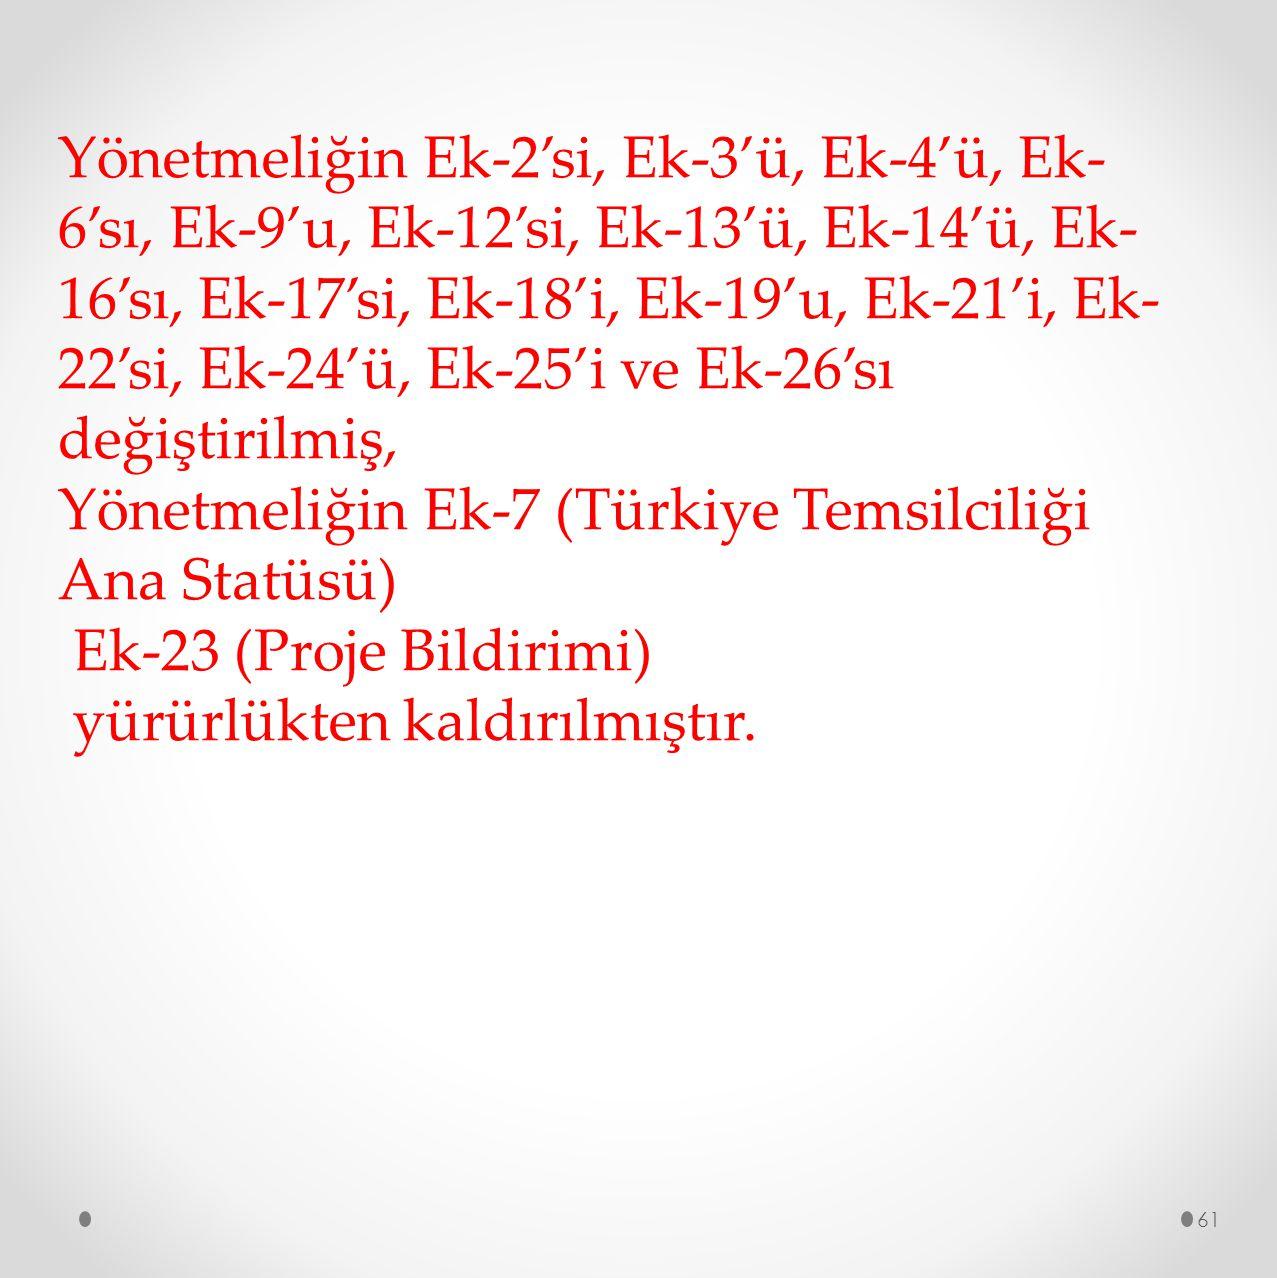 61 Yönetmeliğin Ek-2'si, Ek-3'ü, Ek-4'ü, Ek- 6'sı, Ek-9'u, Ek-12'si, Ek-13'ü, Ek-14'ü, Ek- 16'sı, Ek-17'si, Ek-18'i, Ek-19'u, Ek-21'i, Ek- 22'si, Ek-2